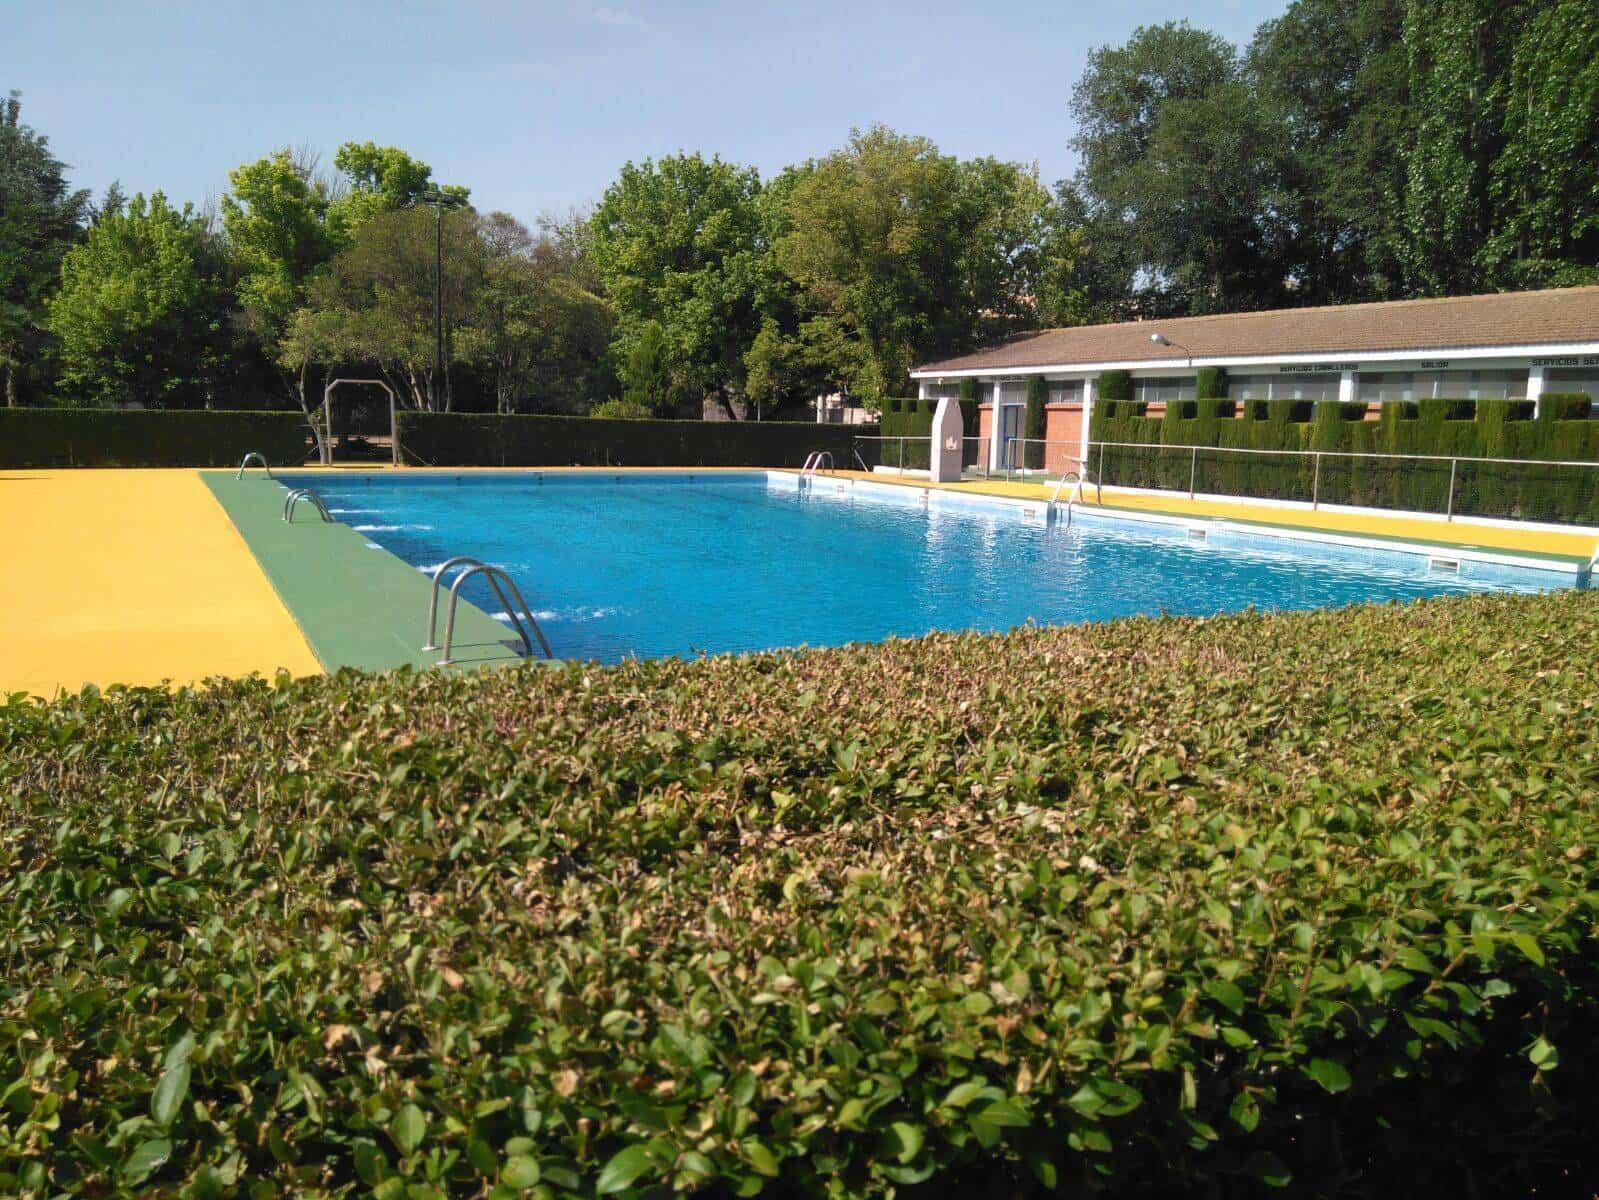 La piscina municipal abrirá sus puertas el 15 de junio durante tres meses 9